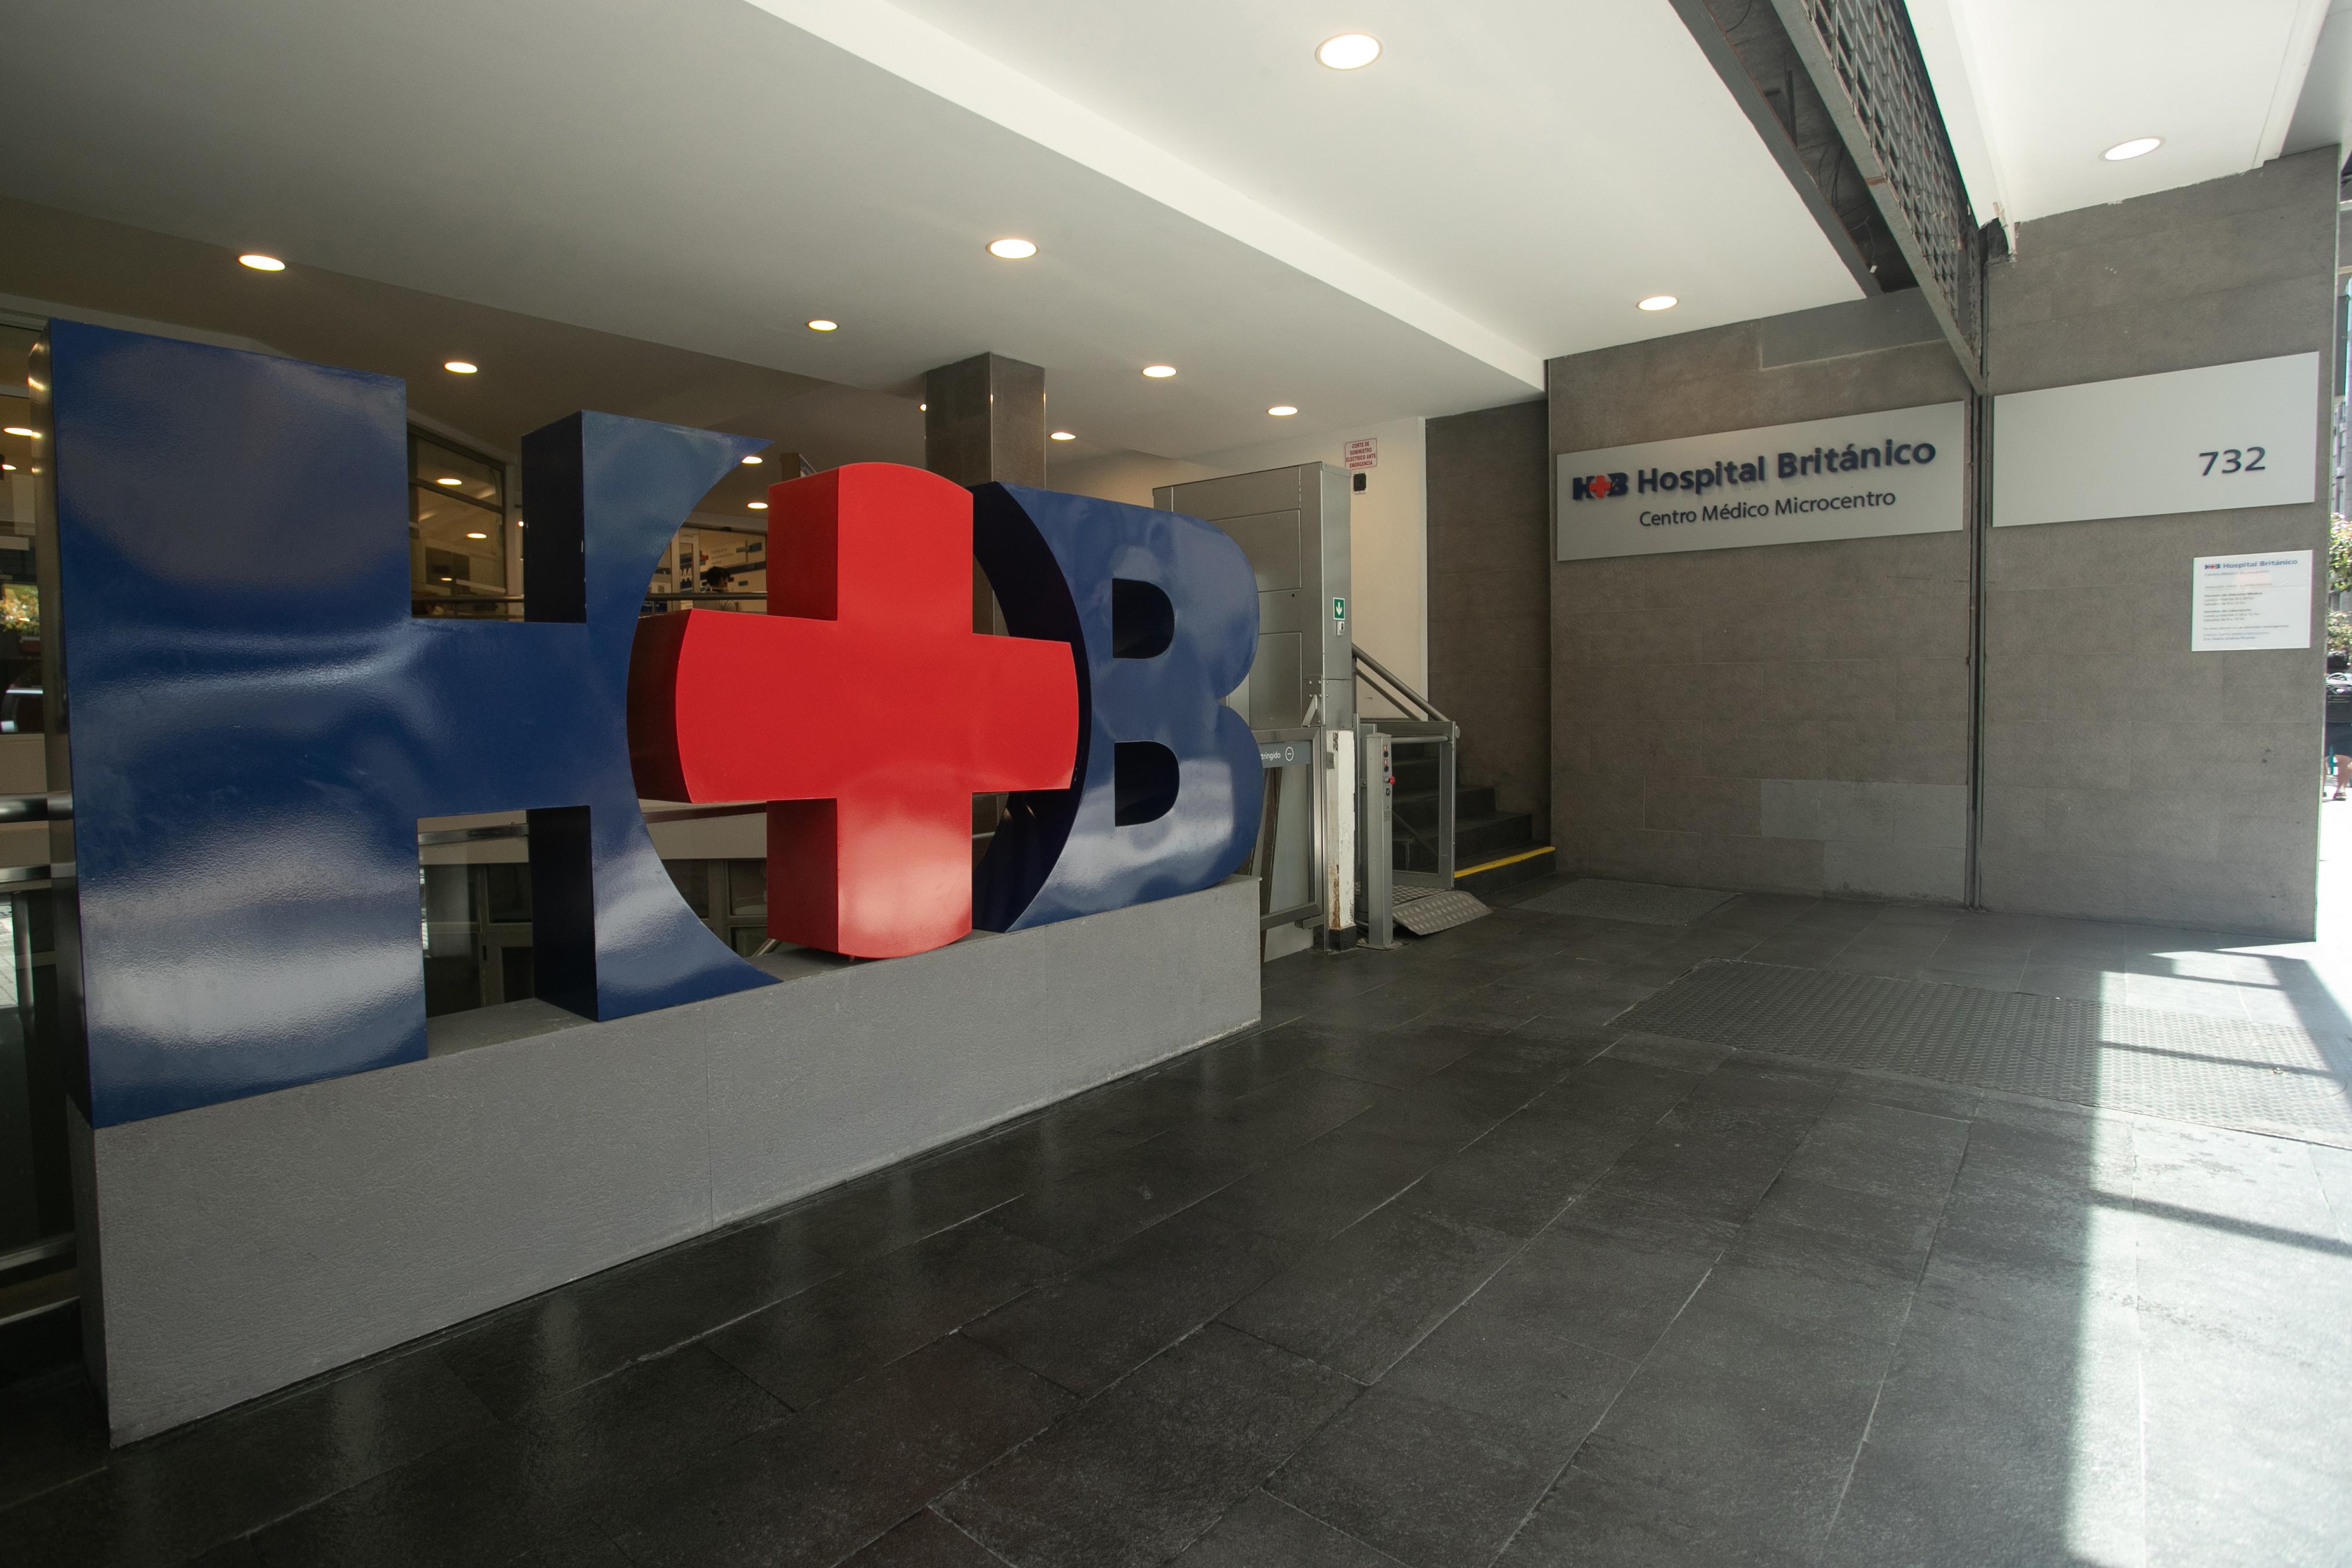 Centro Médico Microcentro, Suipacha 732, CABA